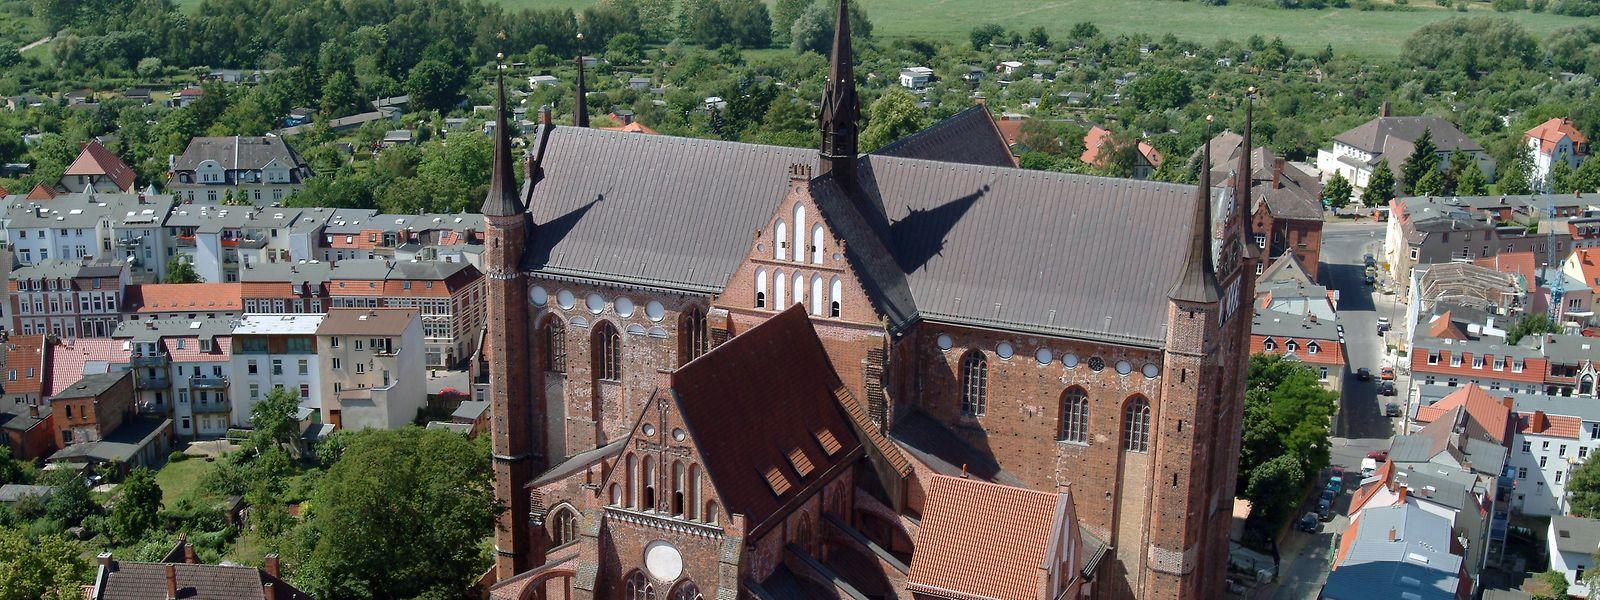 Heute erstrahlt Wismars St. Georgen wieder -  dank vieler Spender und bürgerlichem Engagement.